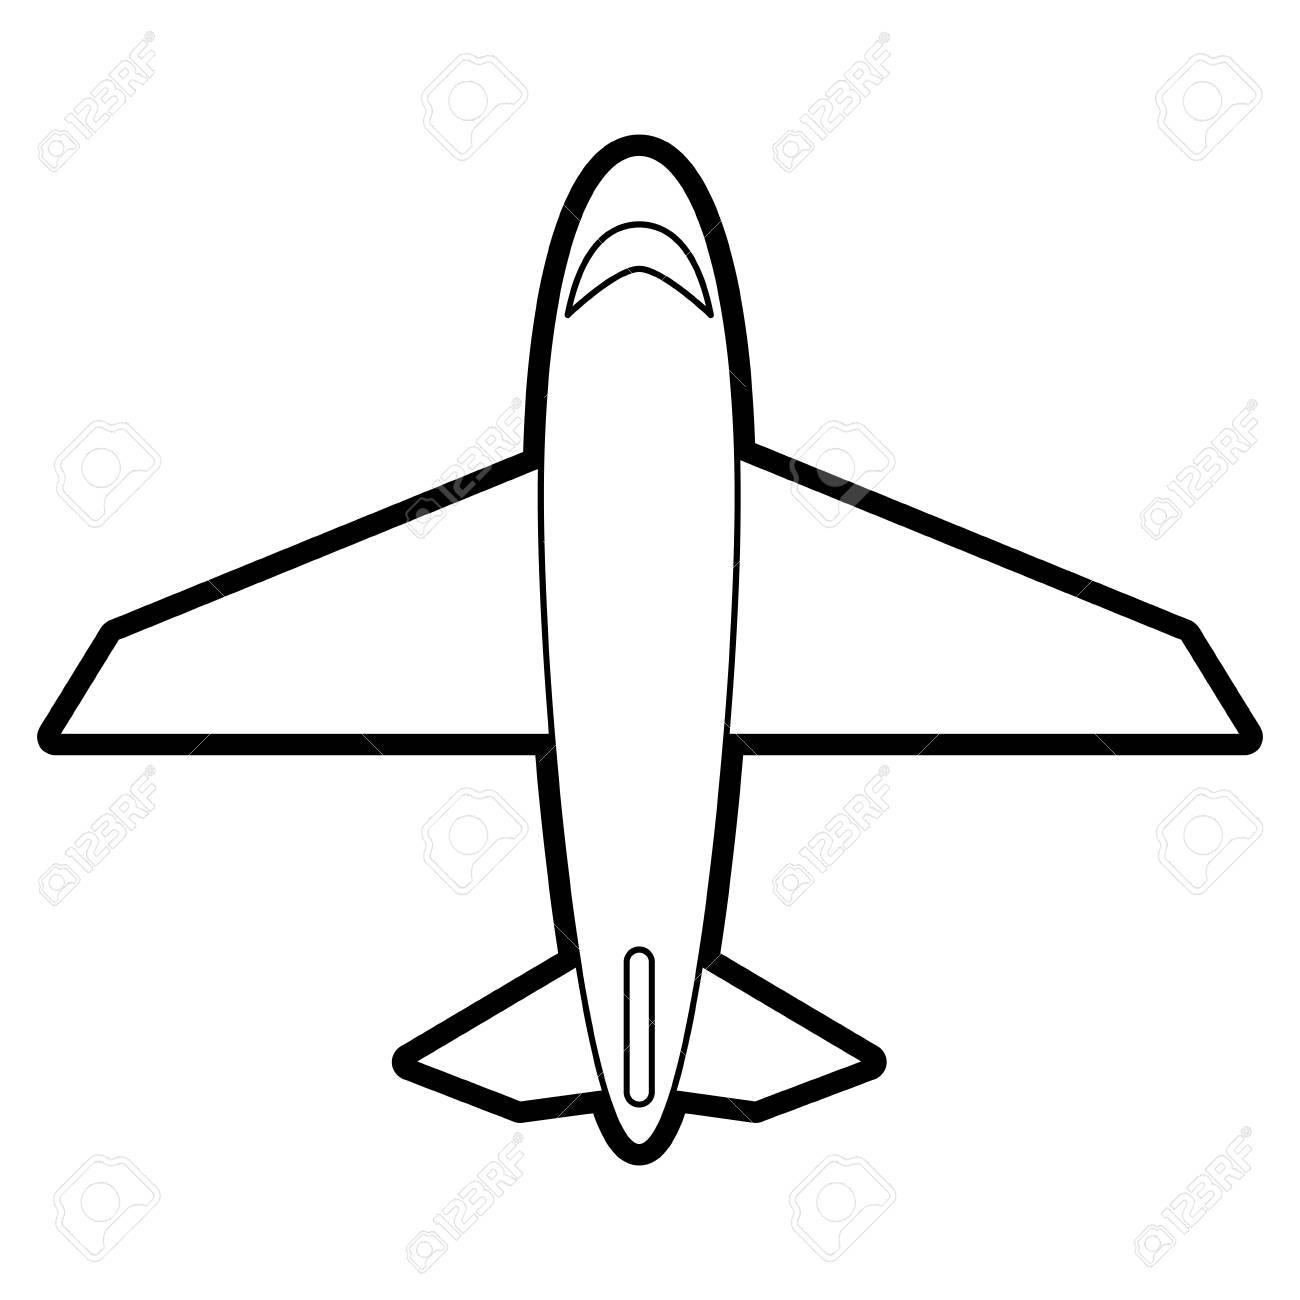 Ausgezeichnet Druckbare Flugzeug Vorlage Fotos - Entry Level Resume ...